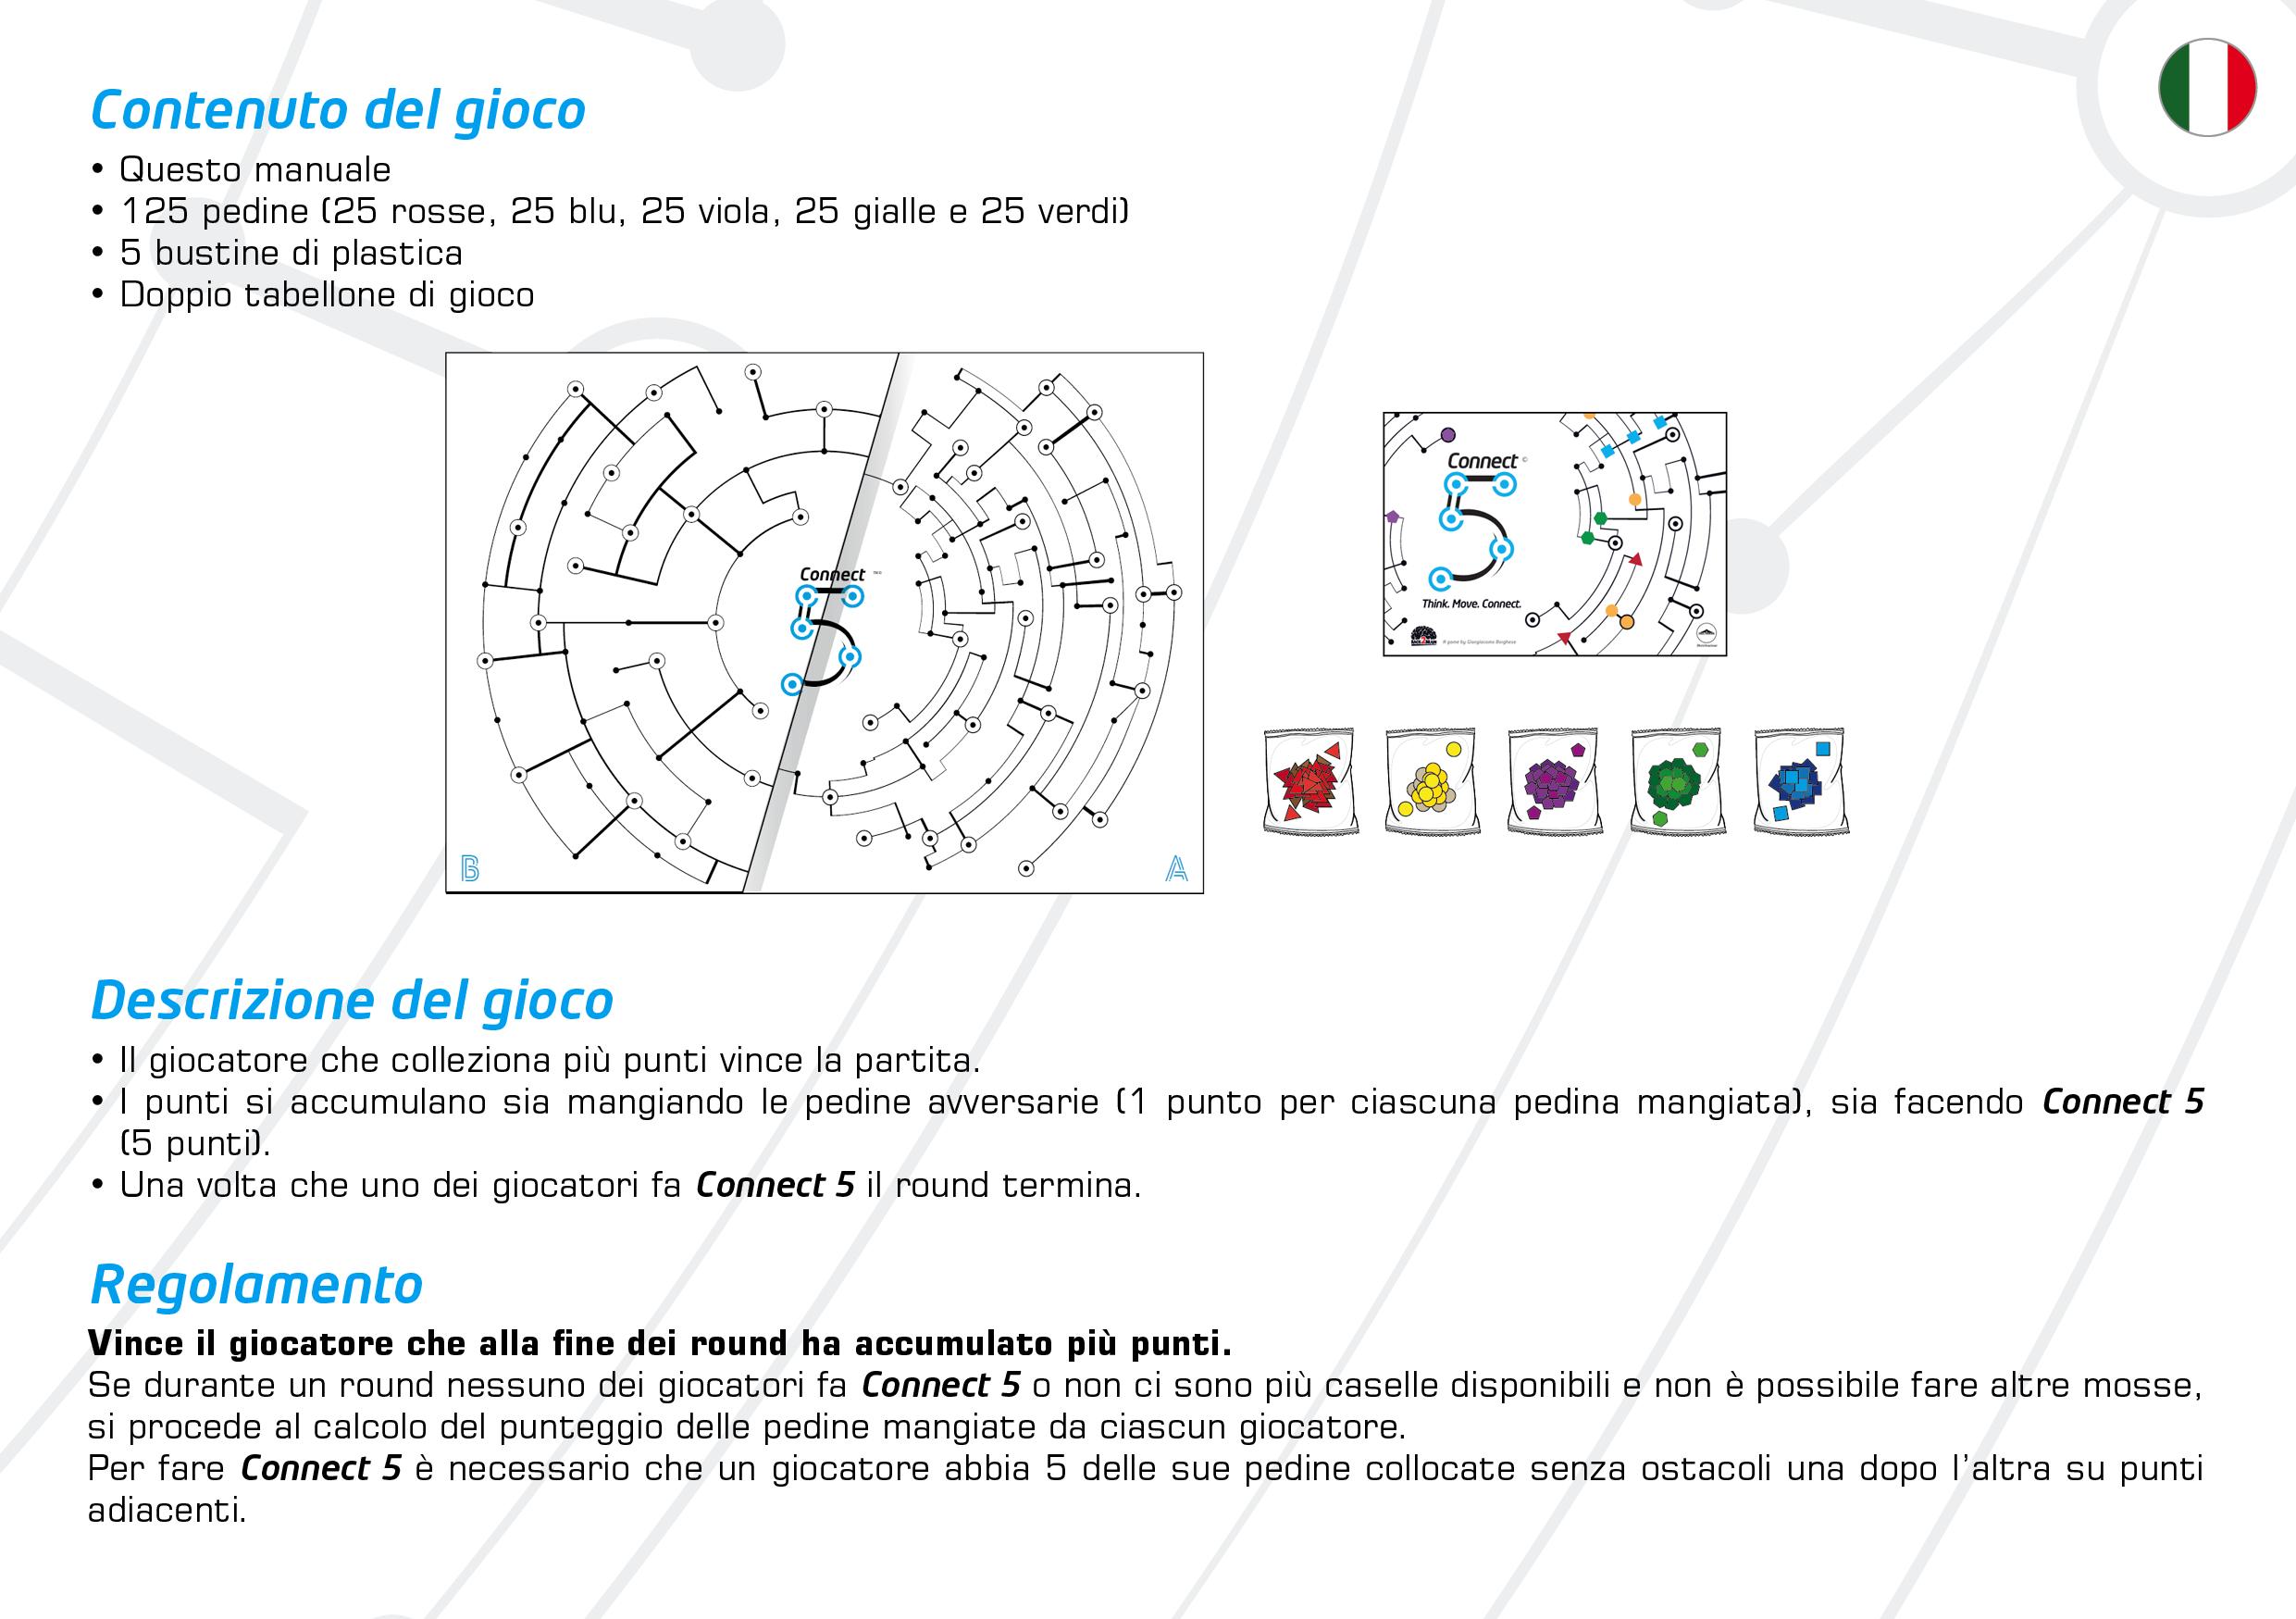 Connect5 Rulebook Contenuto Gioco